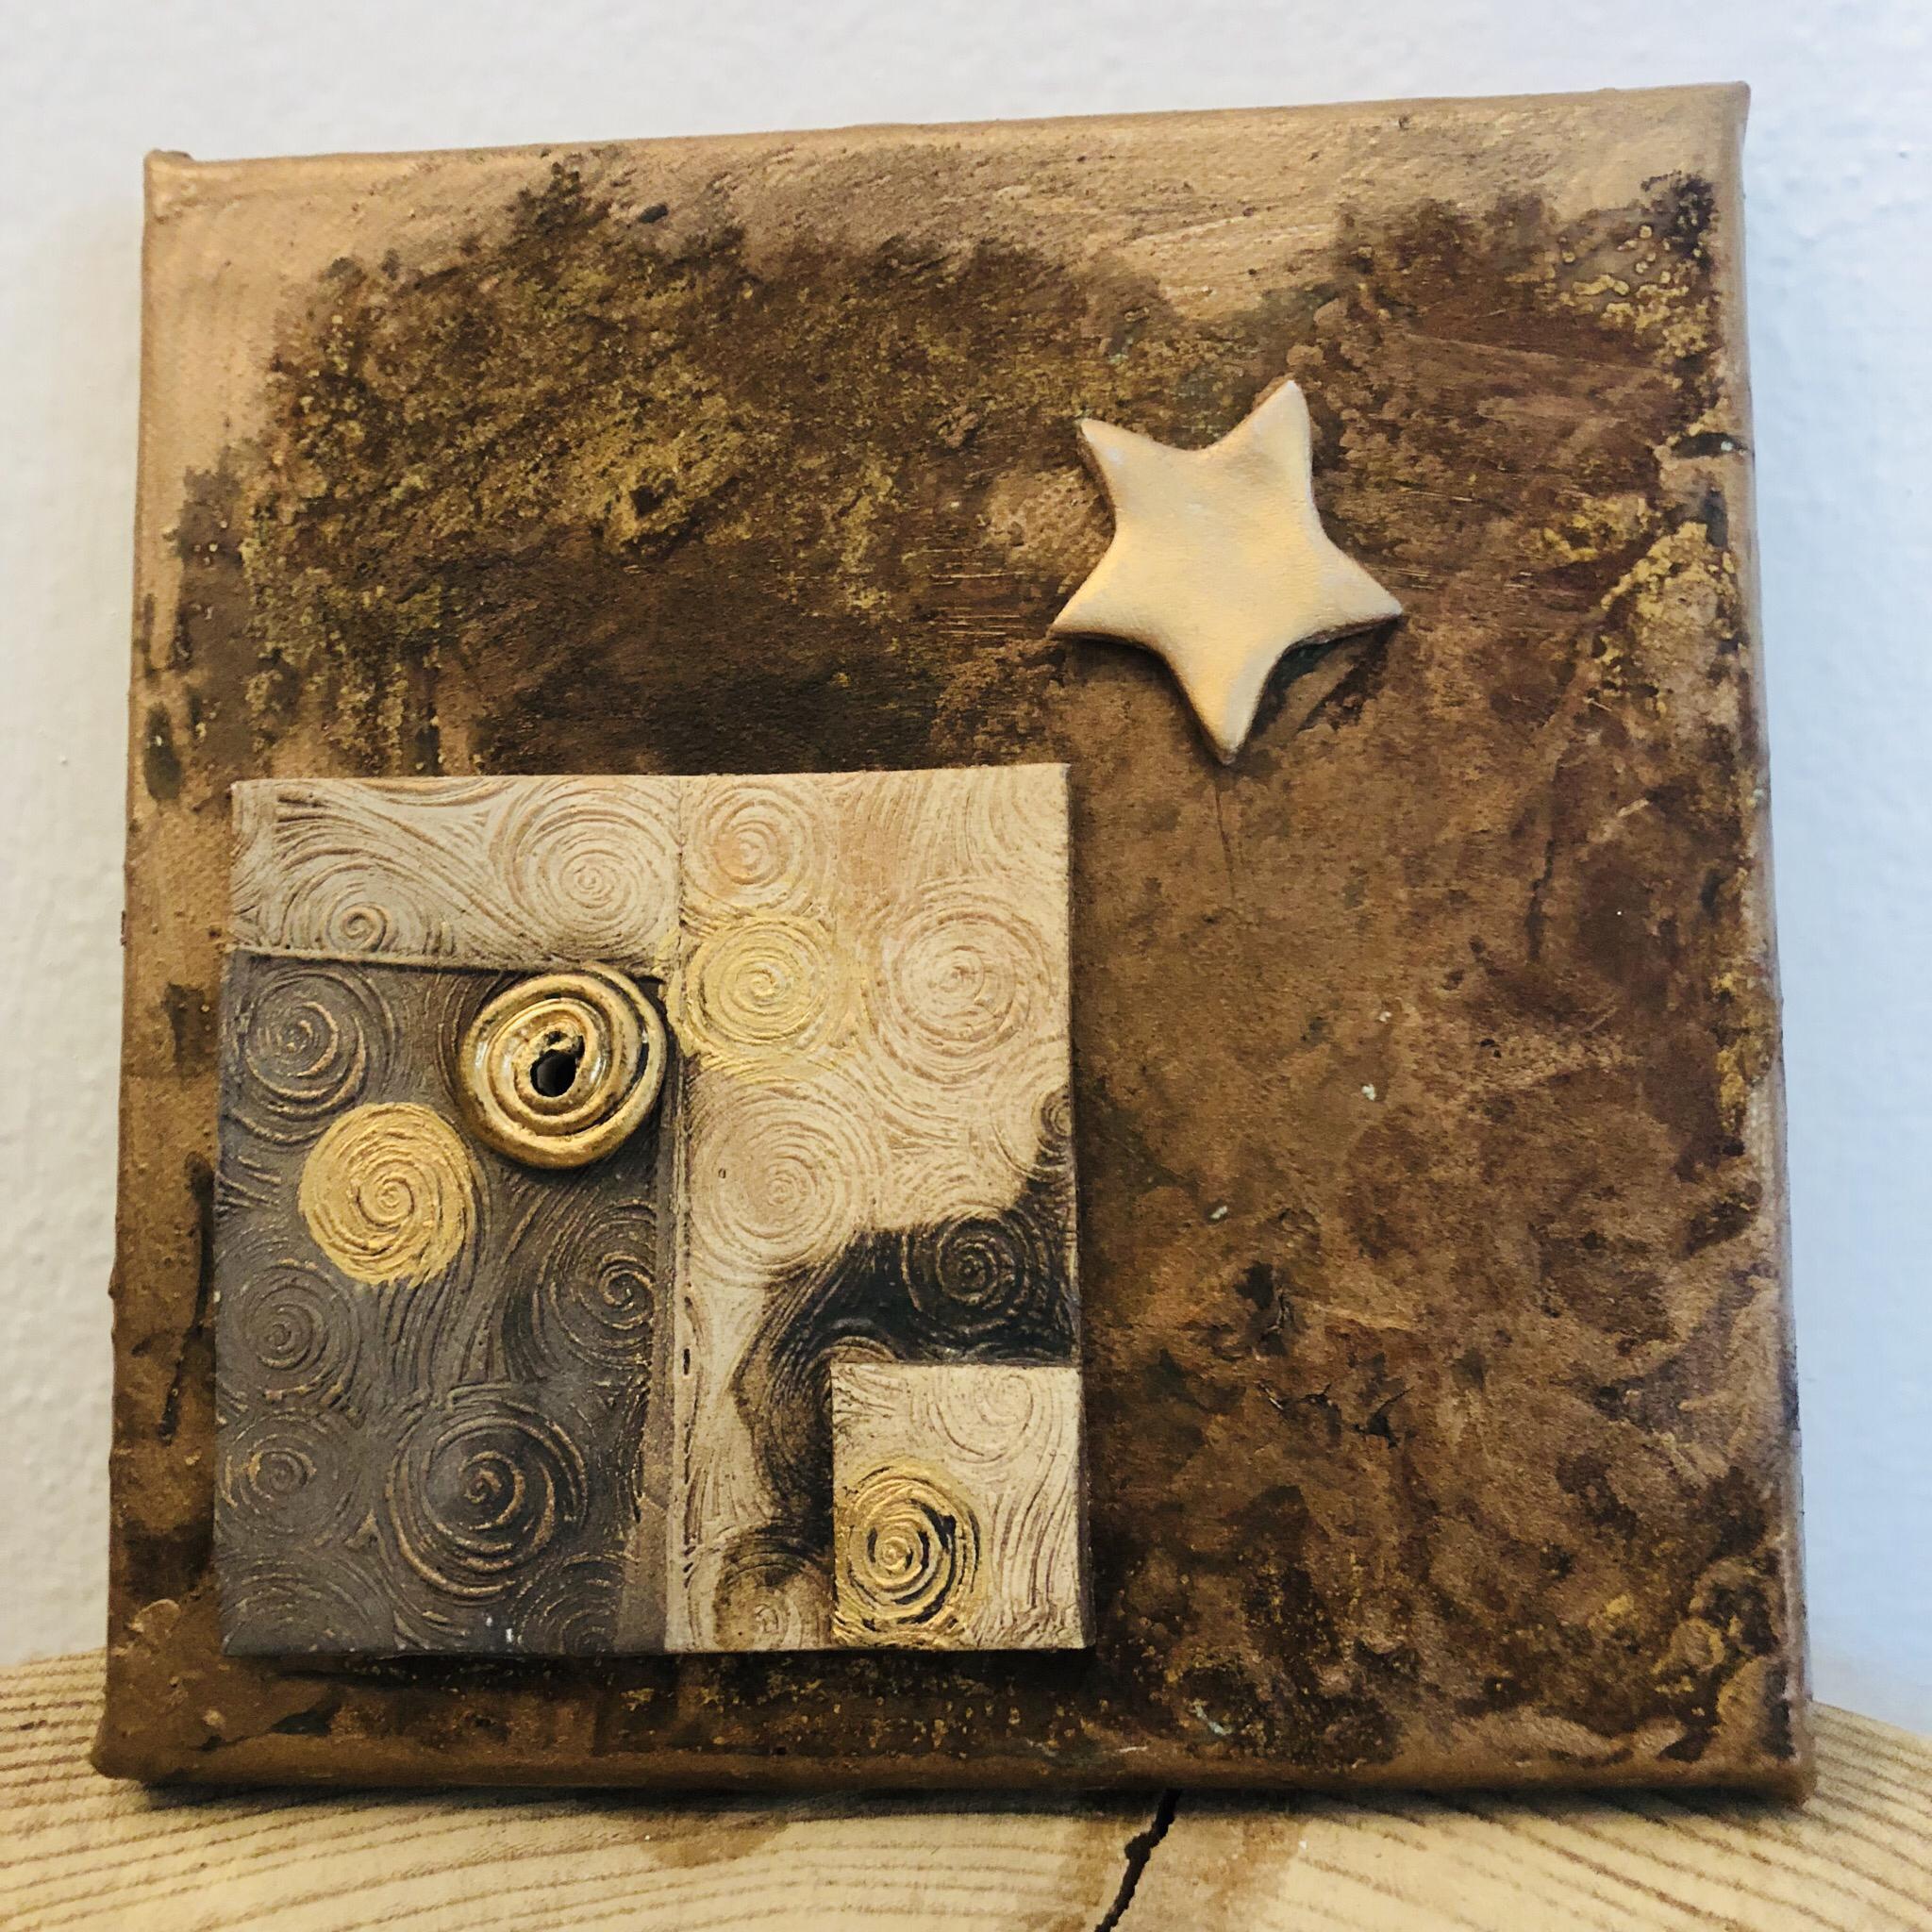 Bild Rostoptik mit Keramikdetails - Stern (nach Weihnachten) abnehmbar ... 00275